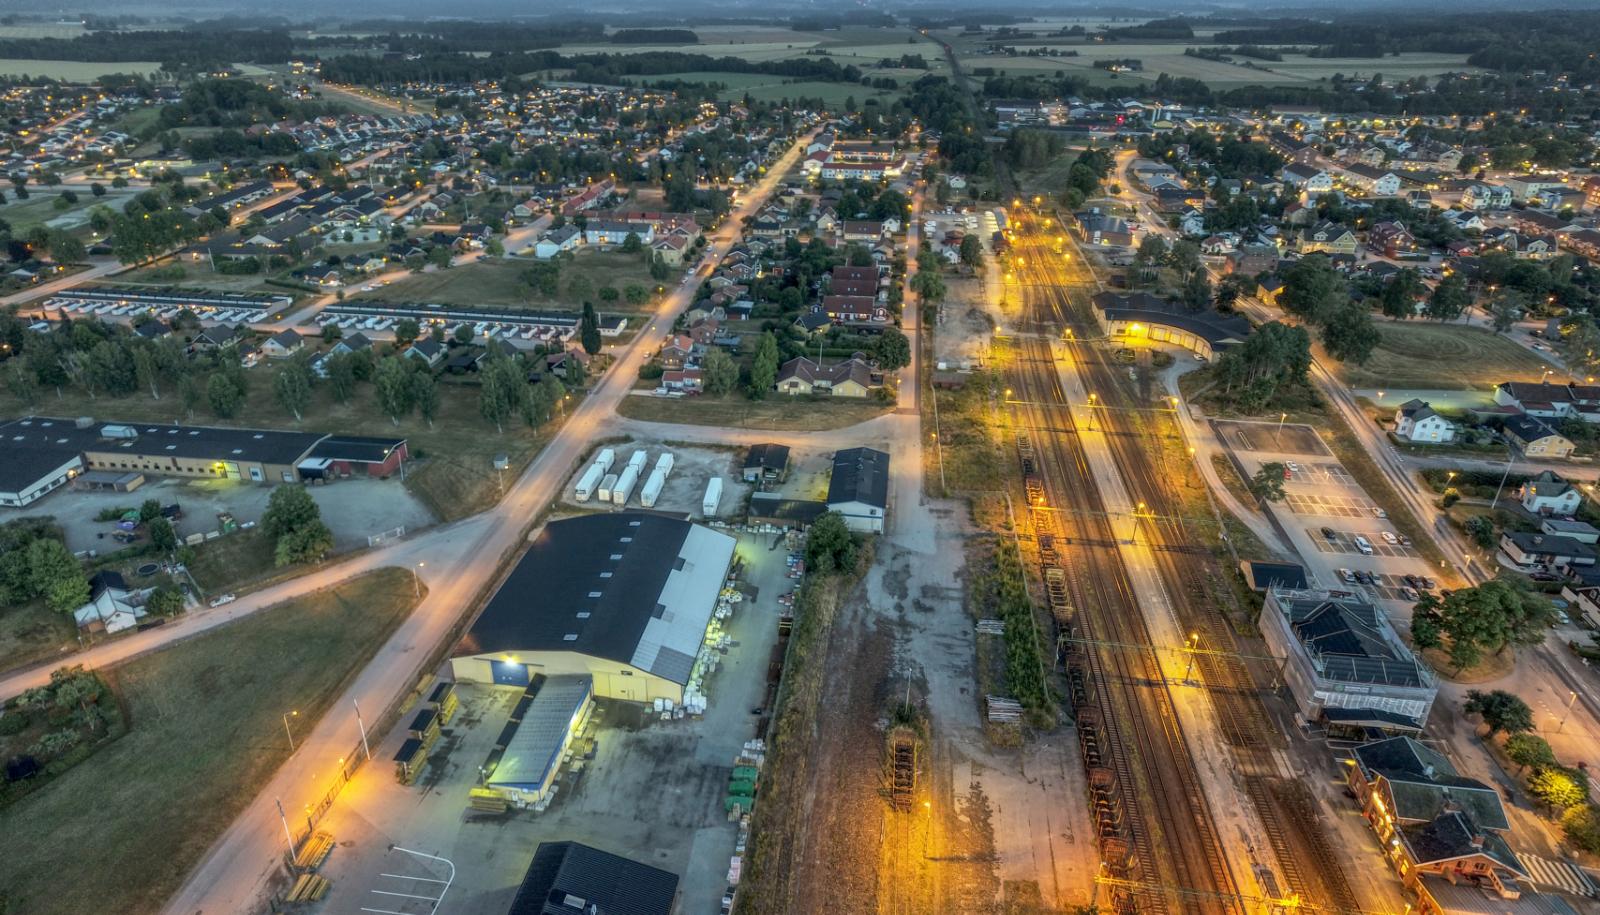 Mellerud 2018-08-06_220522 Pano Mellerud station.jpg